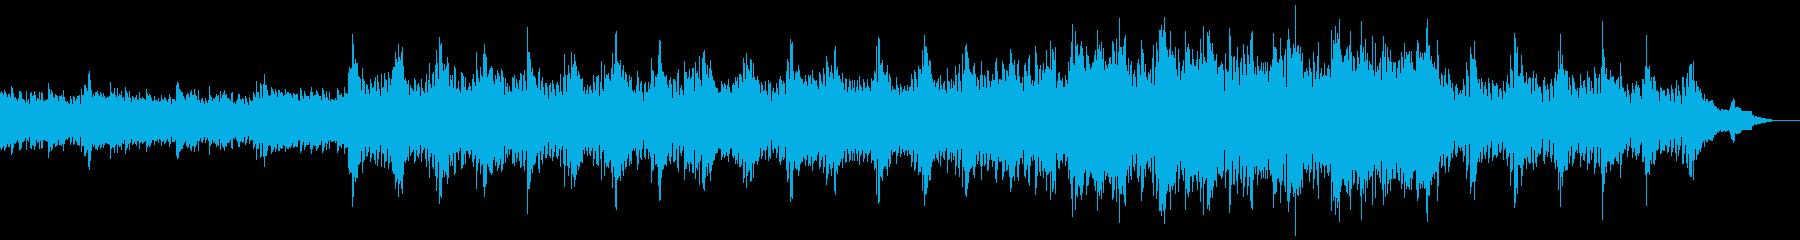 何かを成し遂げるような気持ちになるBGMの再生済みの波形